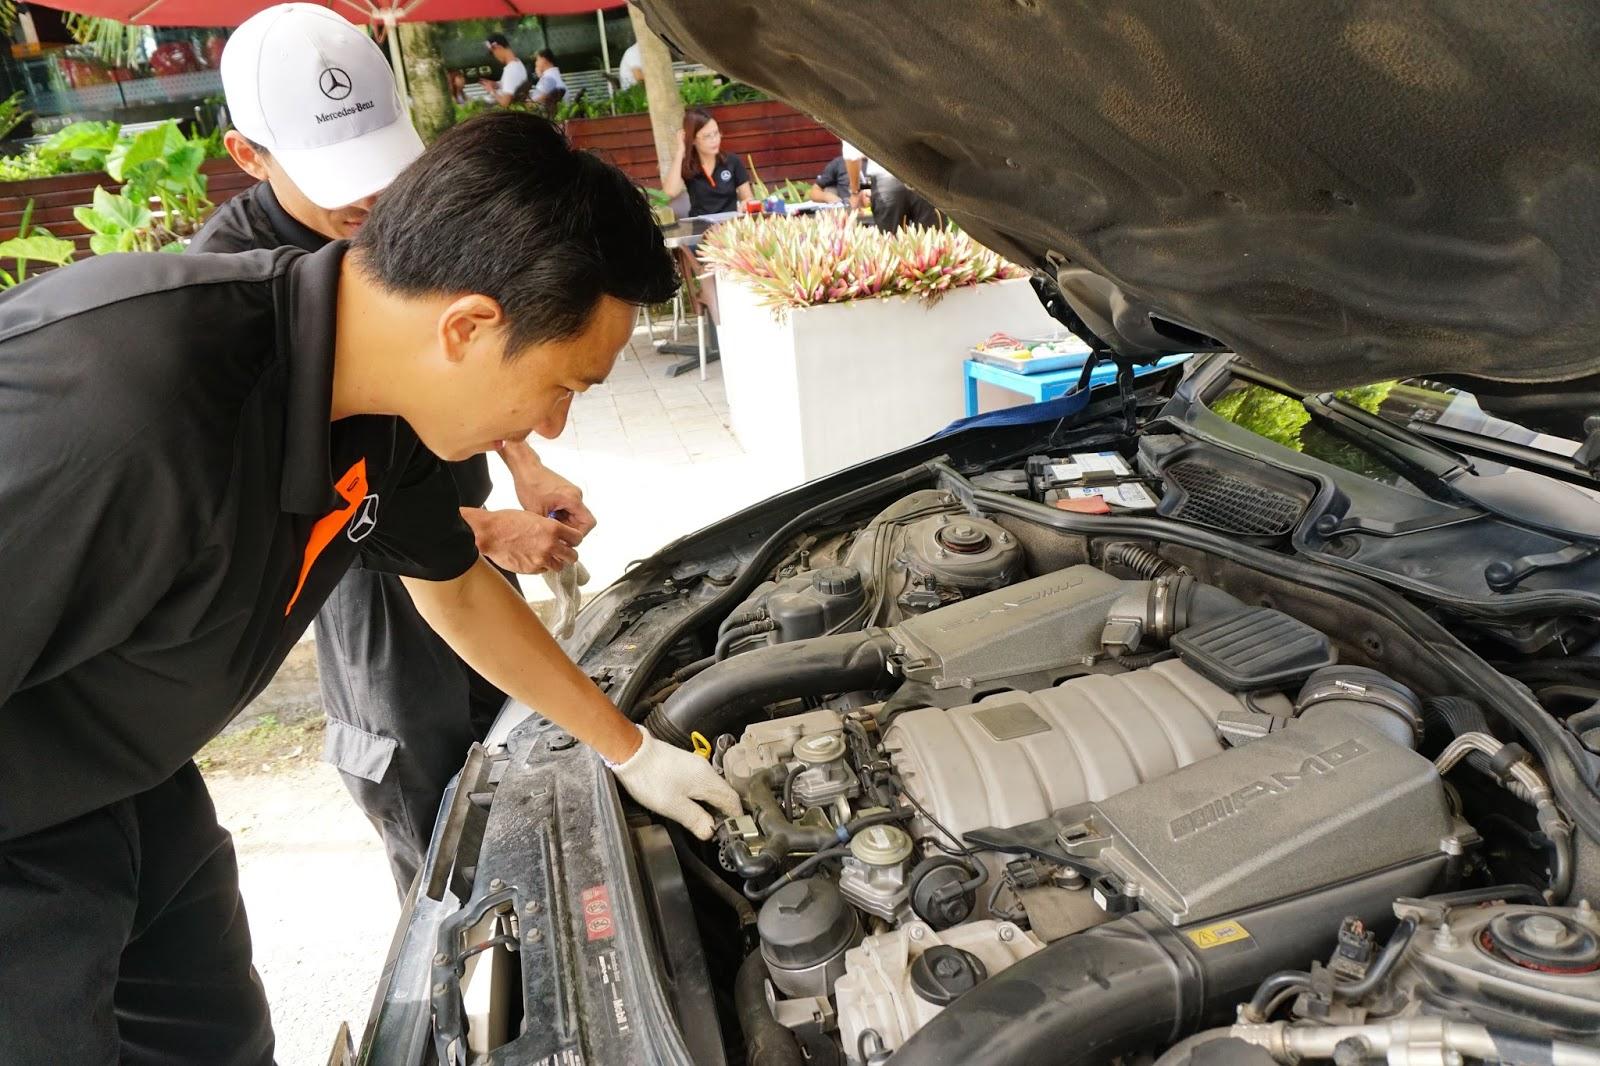 Kỹ sư của Vietnam Star đang kiểm tra chiếc sedan đỉnh cao S63 AMG duy nhất Kiên Giang, ngoài ra còn có S500 cùng rất nhiều dòng xe Mercedes khác đến thăm khám, bảo dưỡng